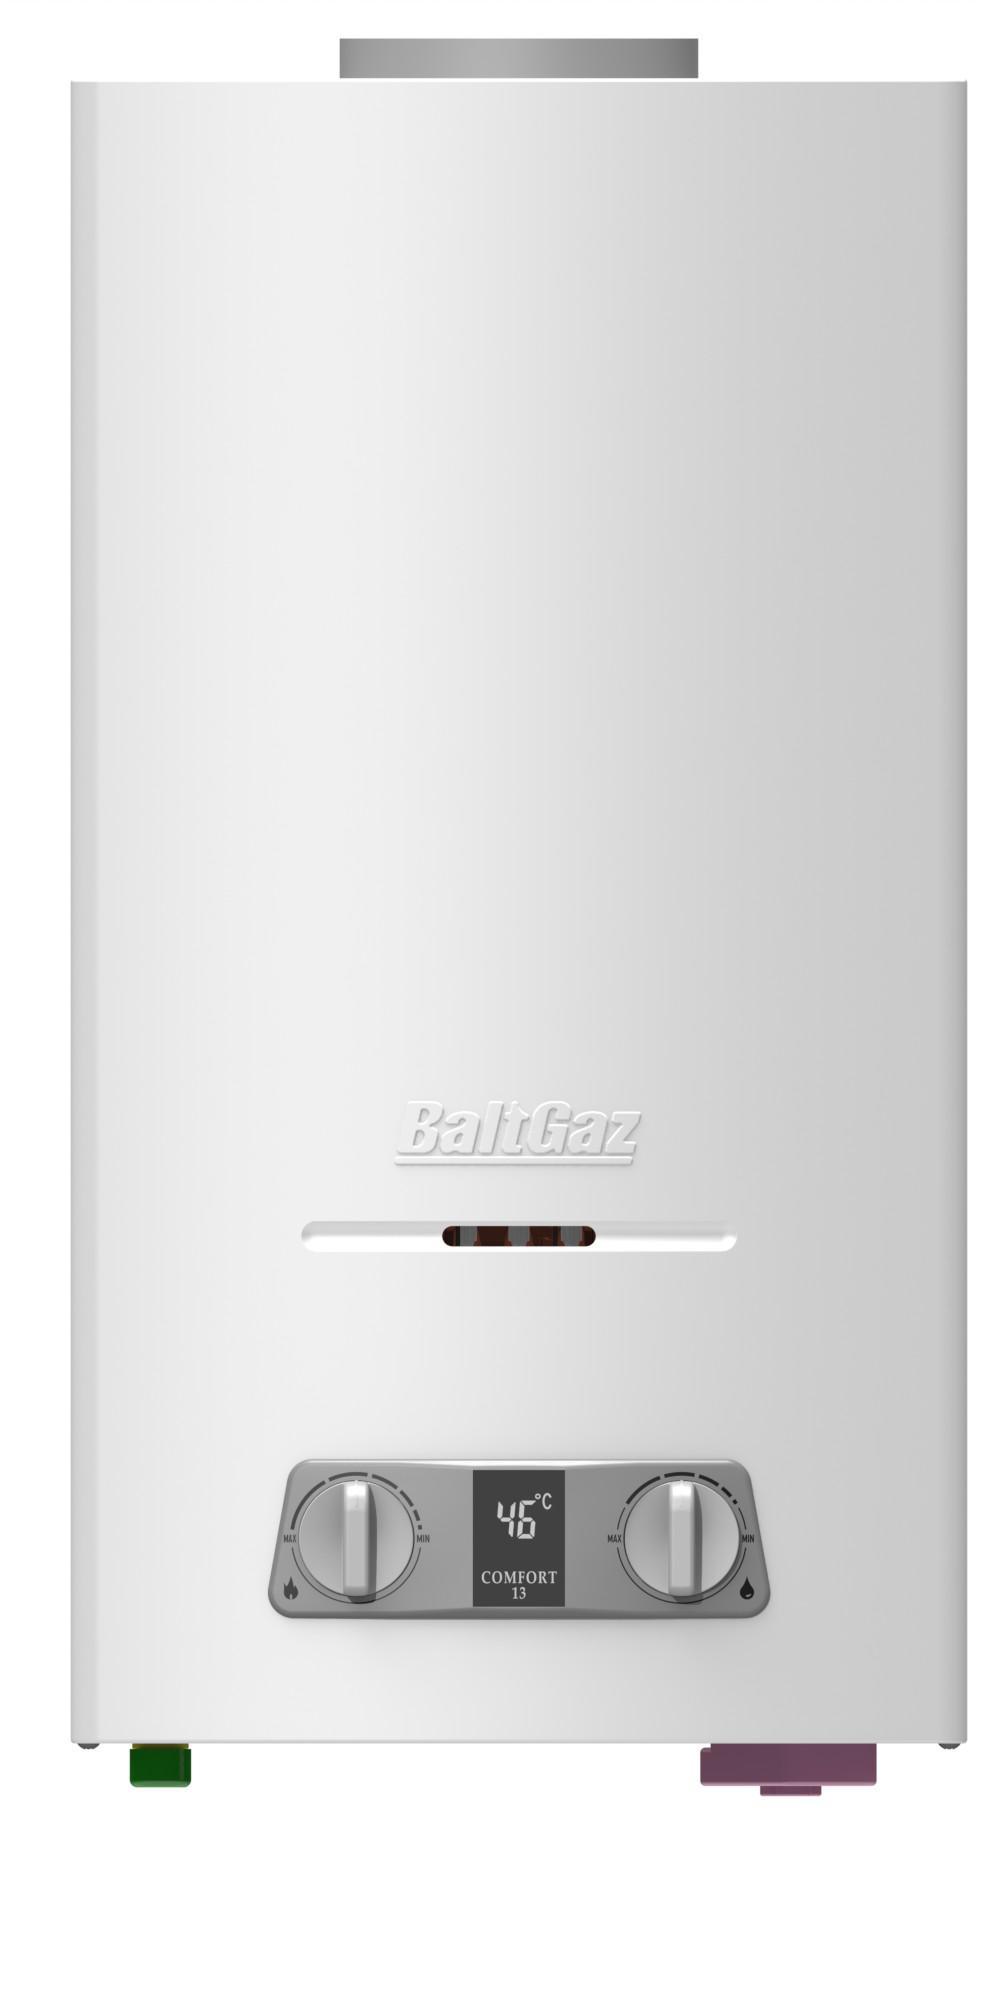 Газовая колонка BaltGaz Comfort 17